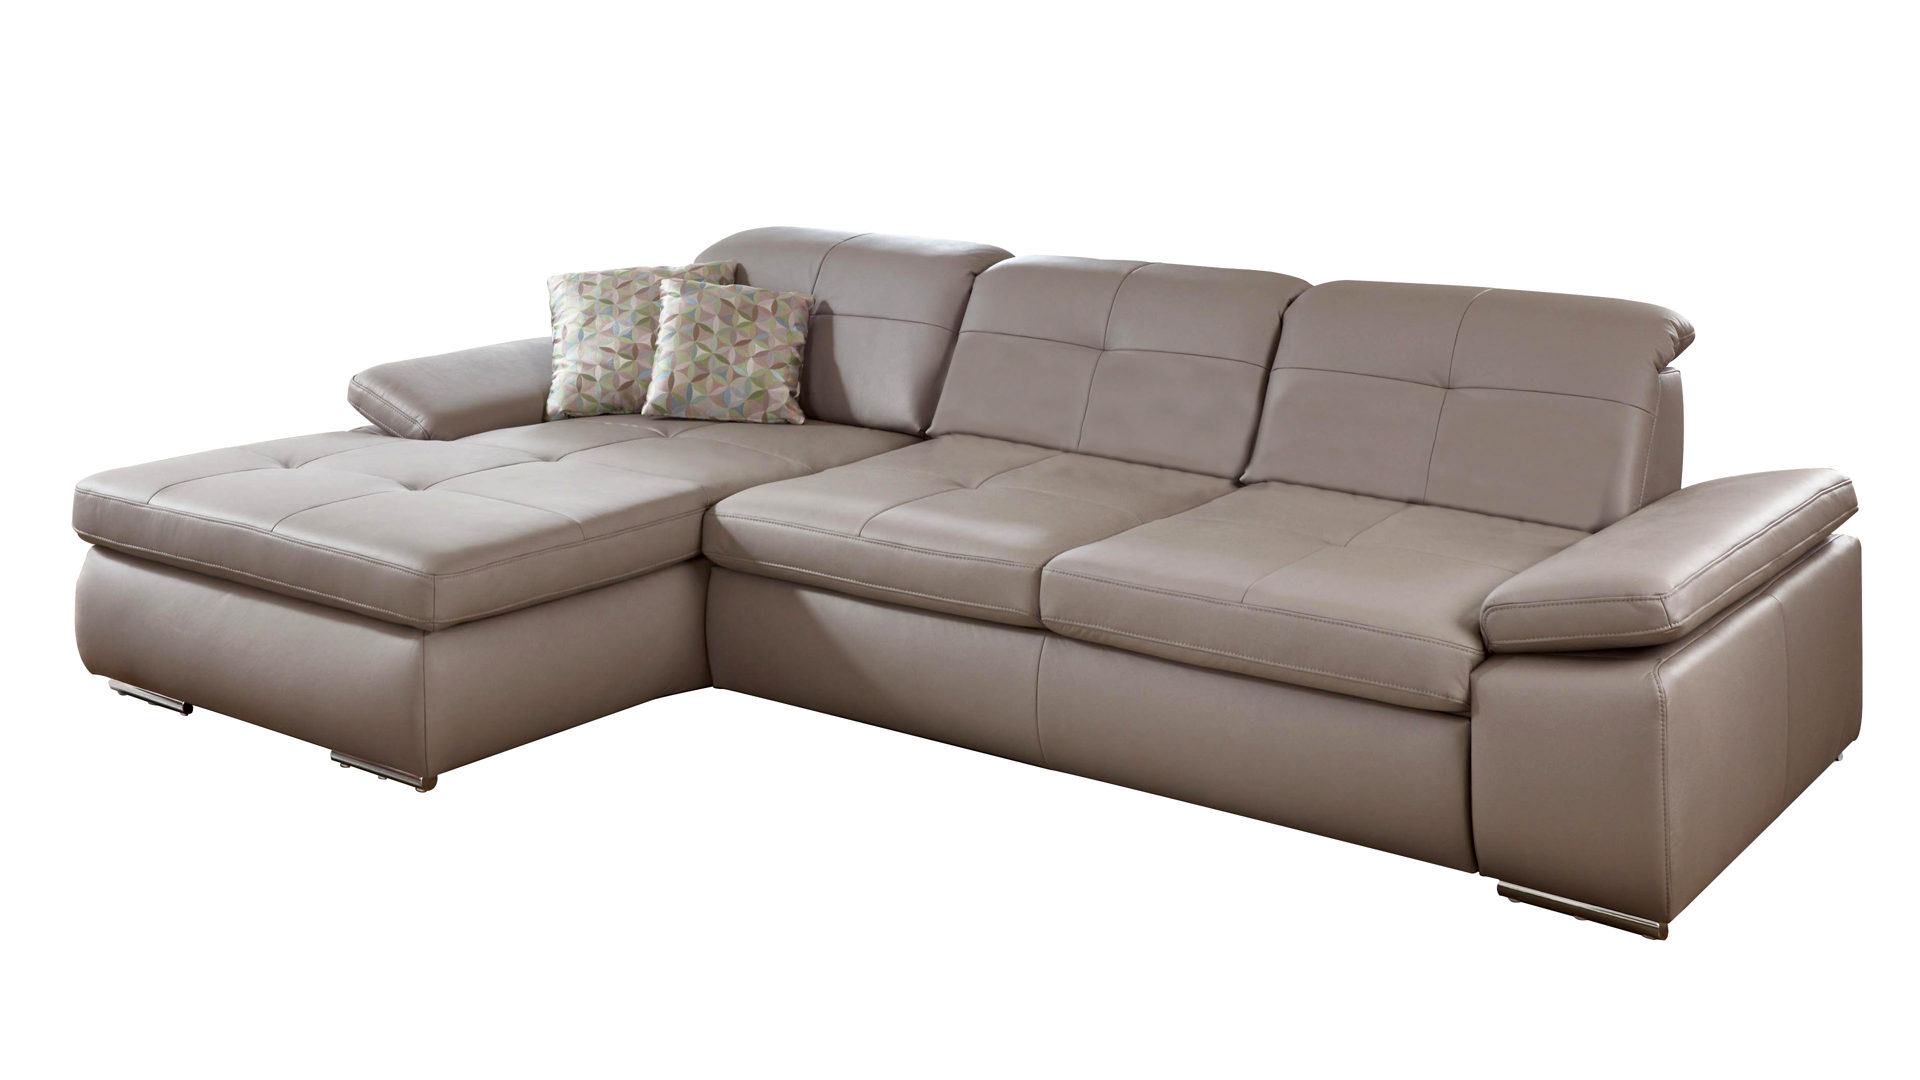 Ecksofa Leder Awesome Ecksofa Big Big Lager Big Big Sofa